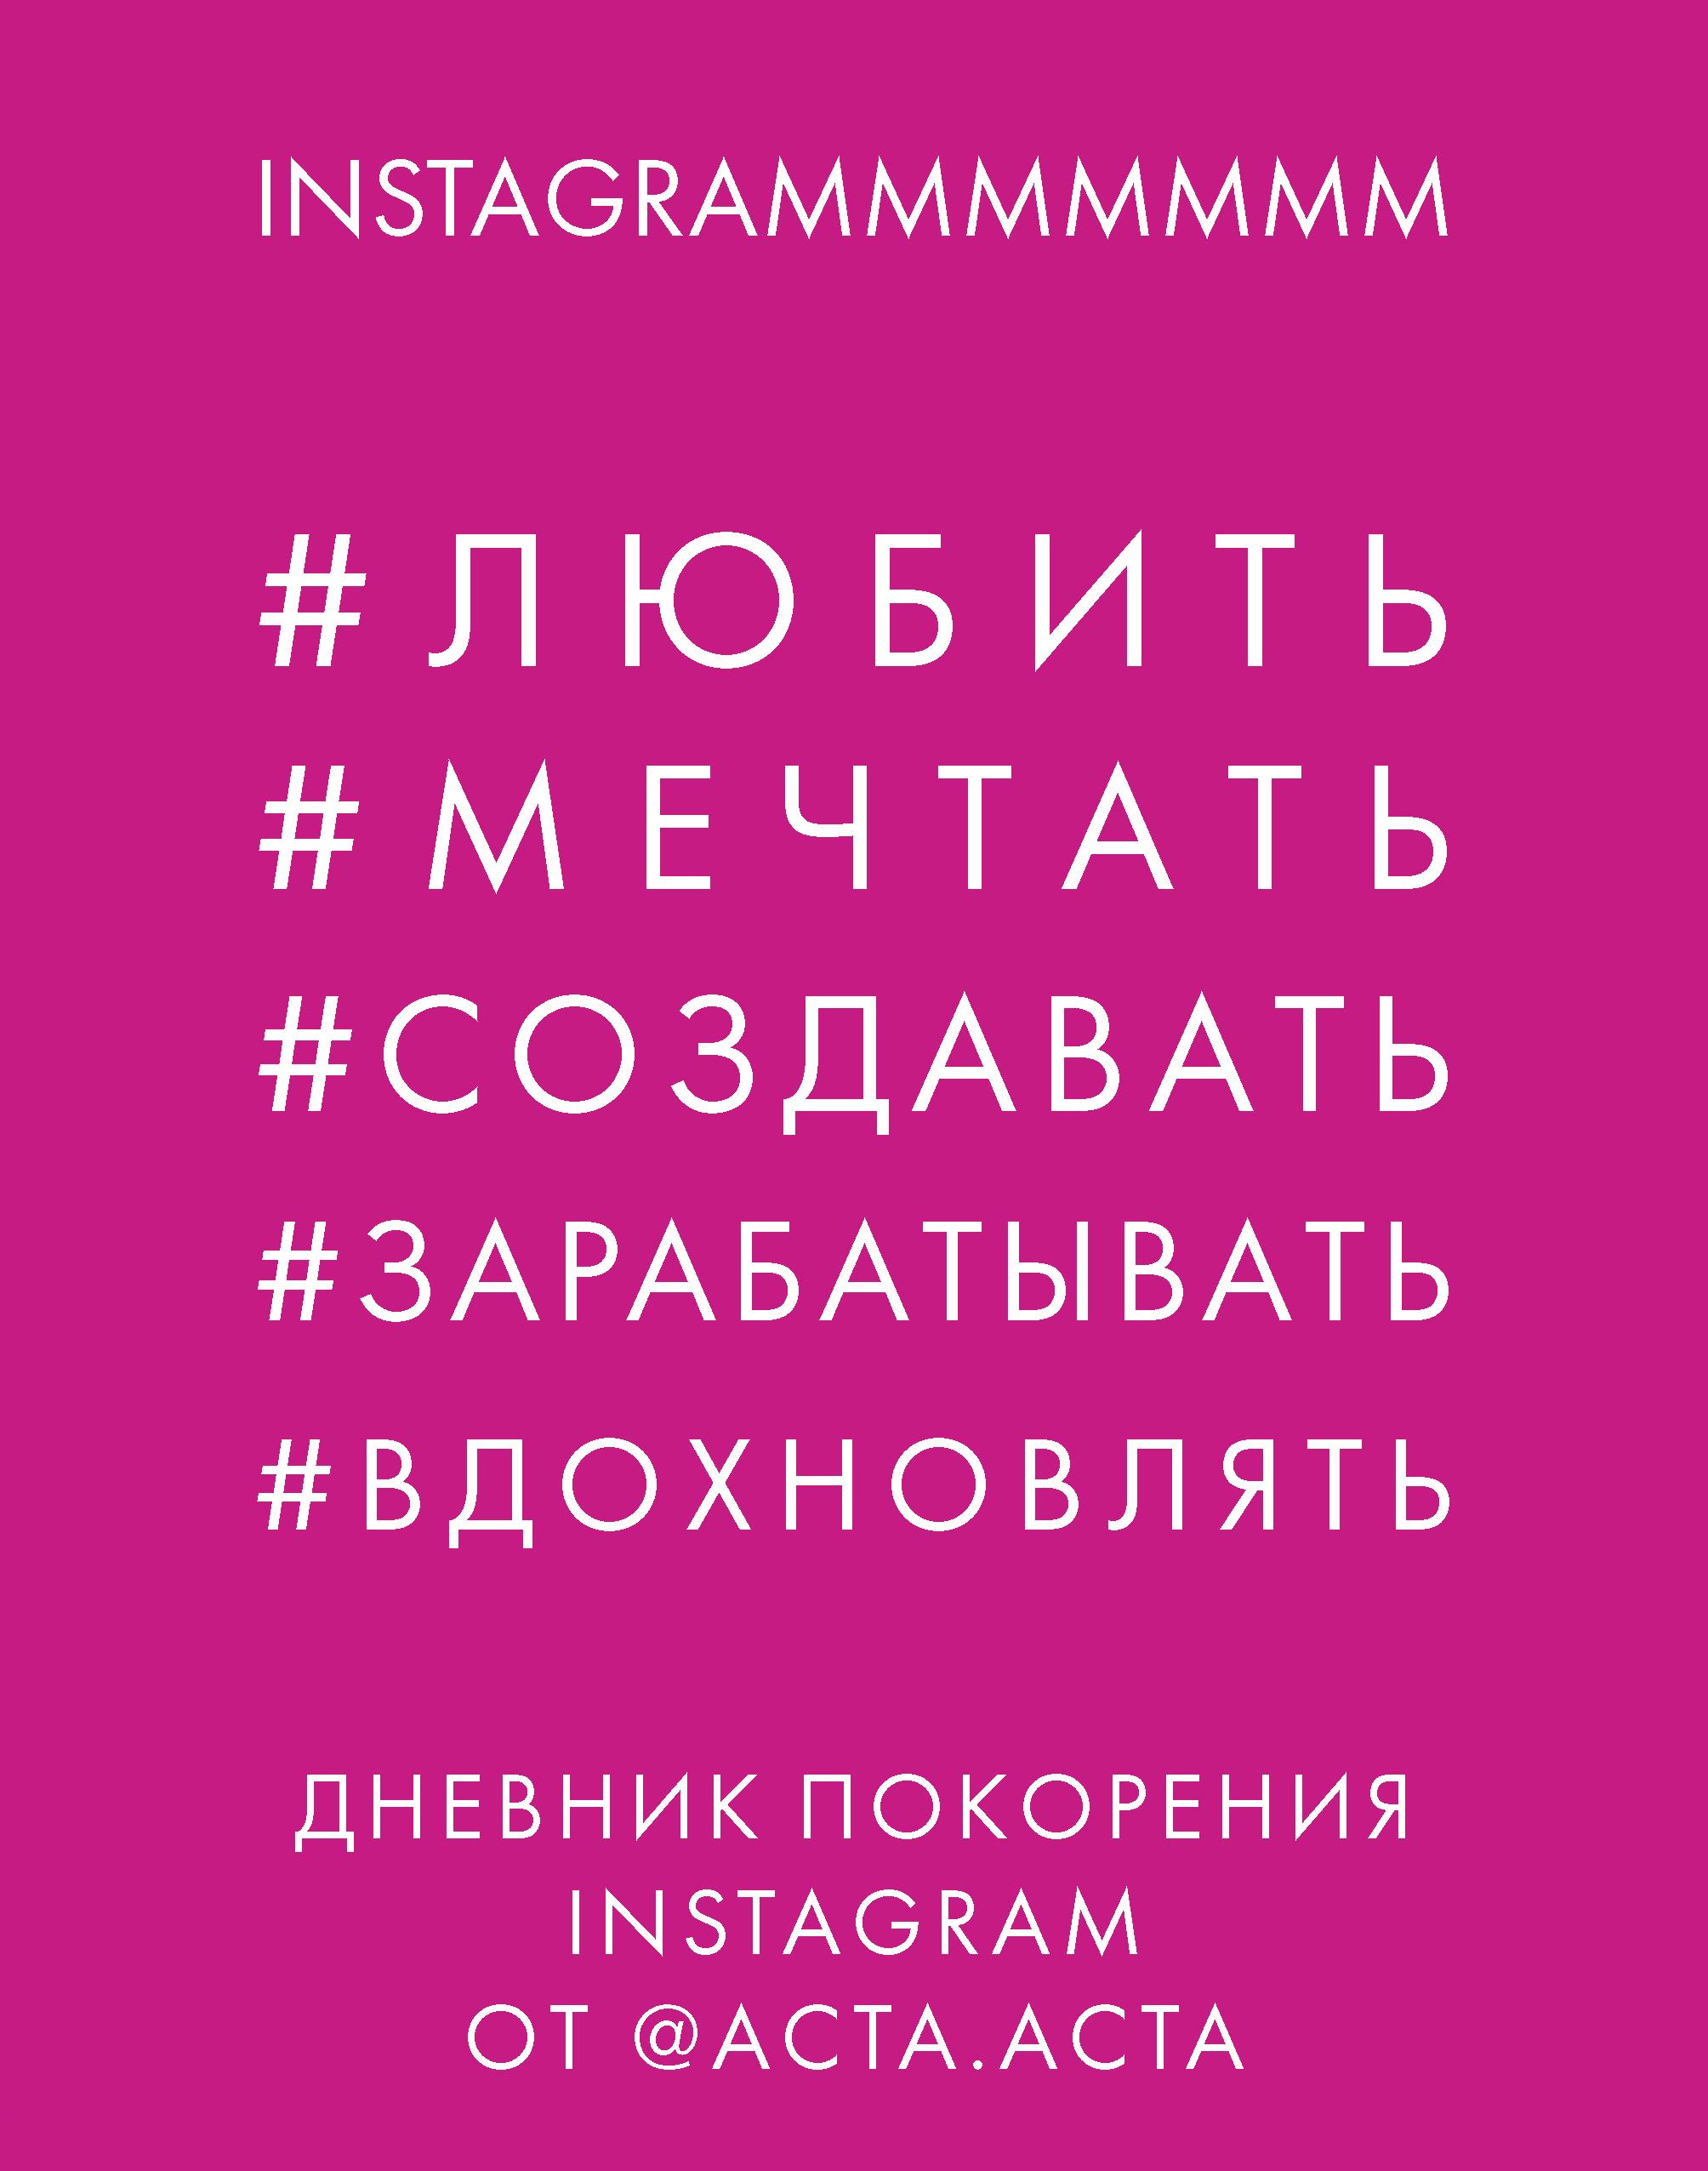 Юлия Гладкова Дневник покорения Instagram феданова юлия валентиновна дневник для 100